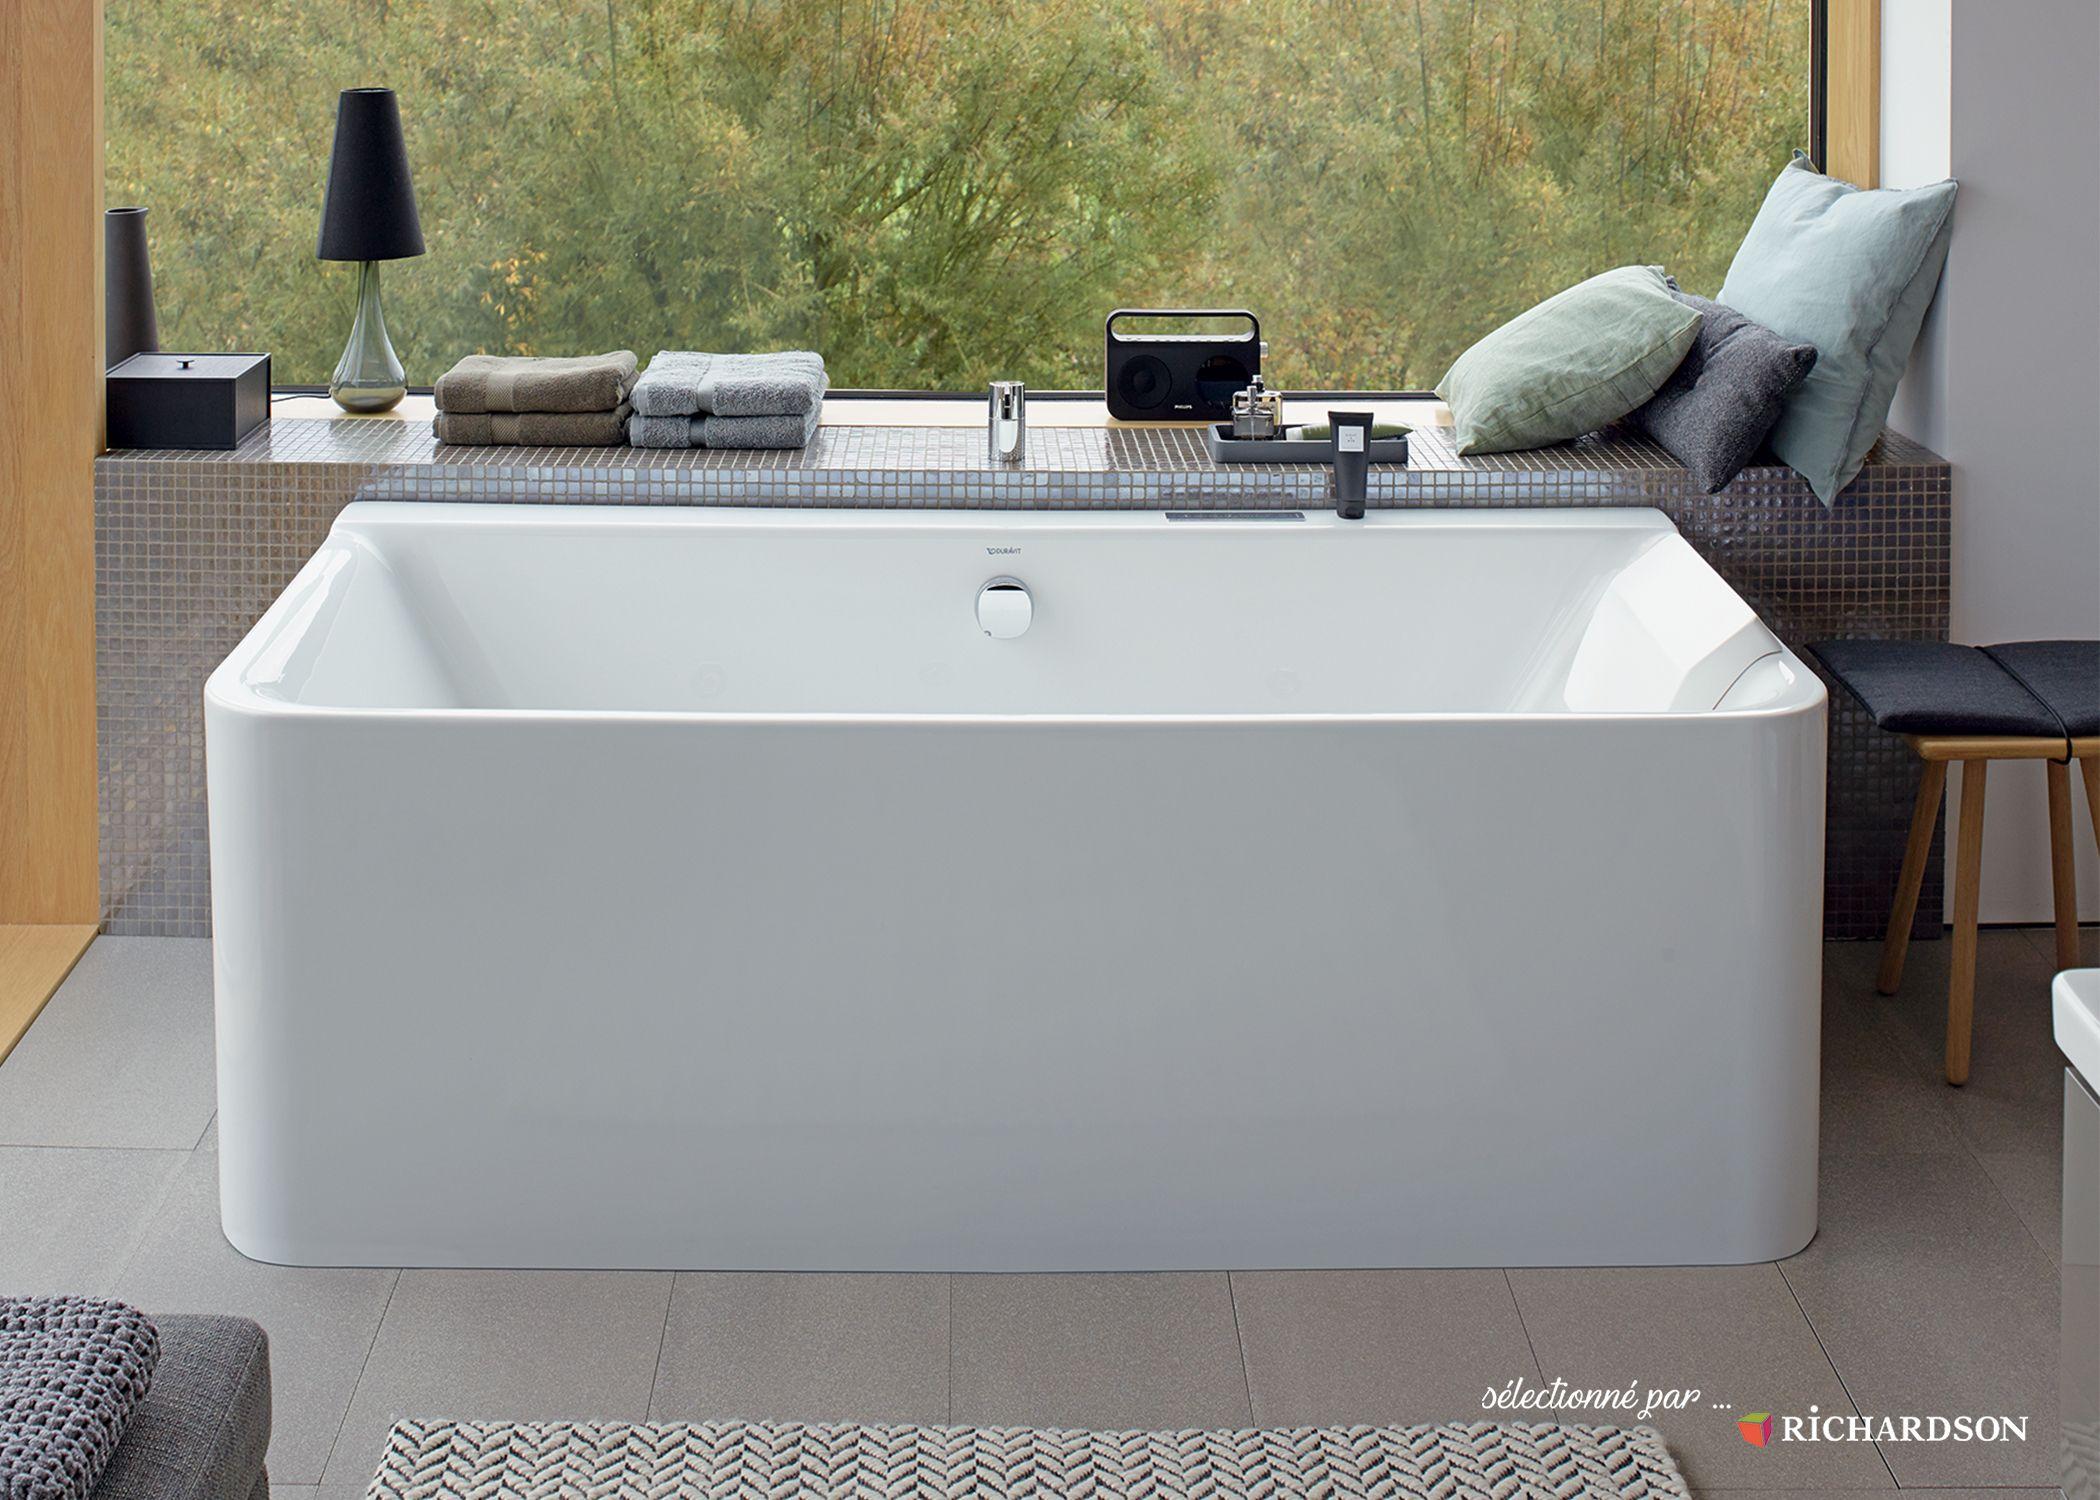 duravit p3 comforts baignoire rectangulaire version tablier 3 faces avec habillage acrylique sans - Pose Baignoire Acrylique Avec Tablier